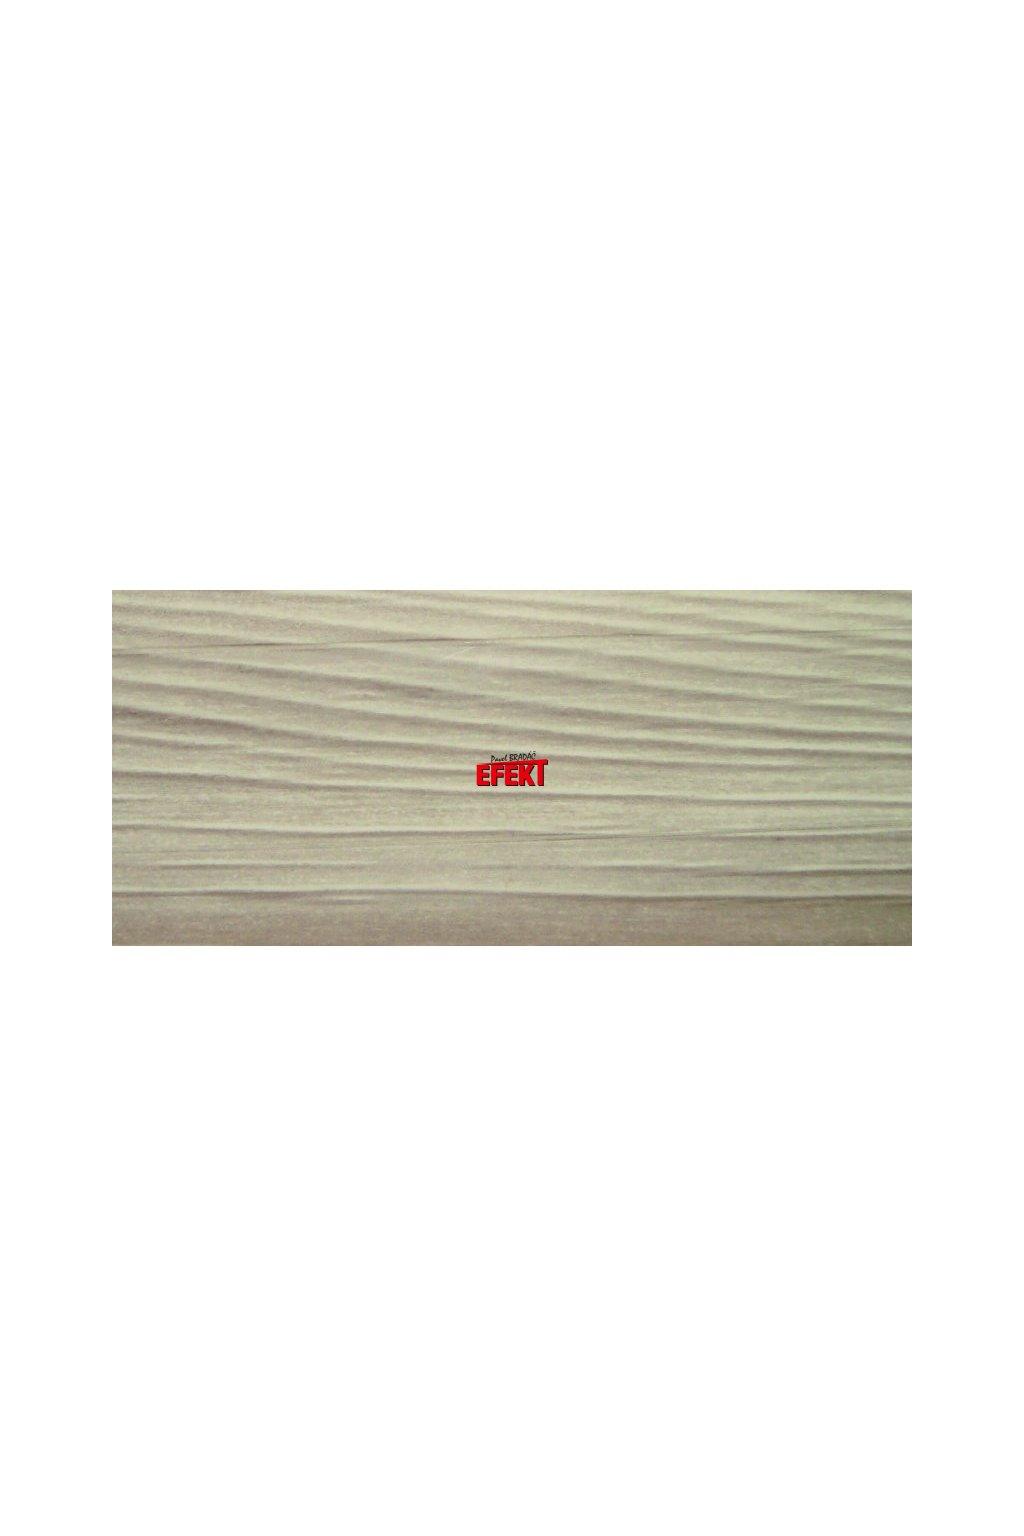 Plastová soklová lišta Bolta 5cm 4295 borovice